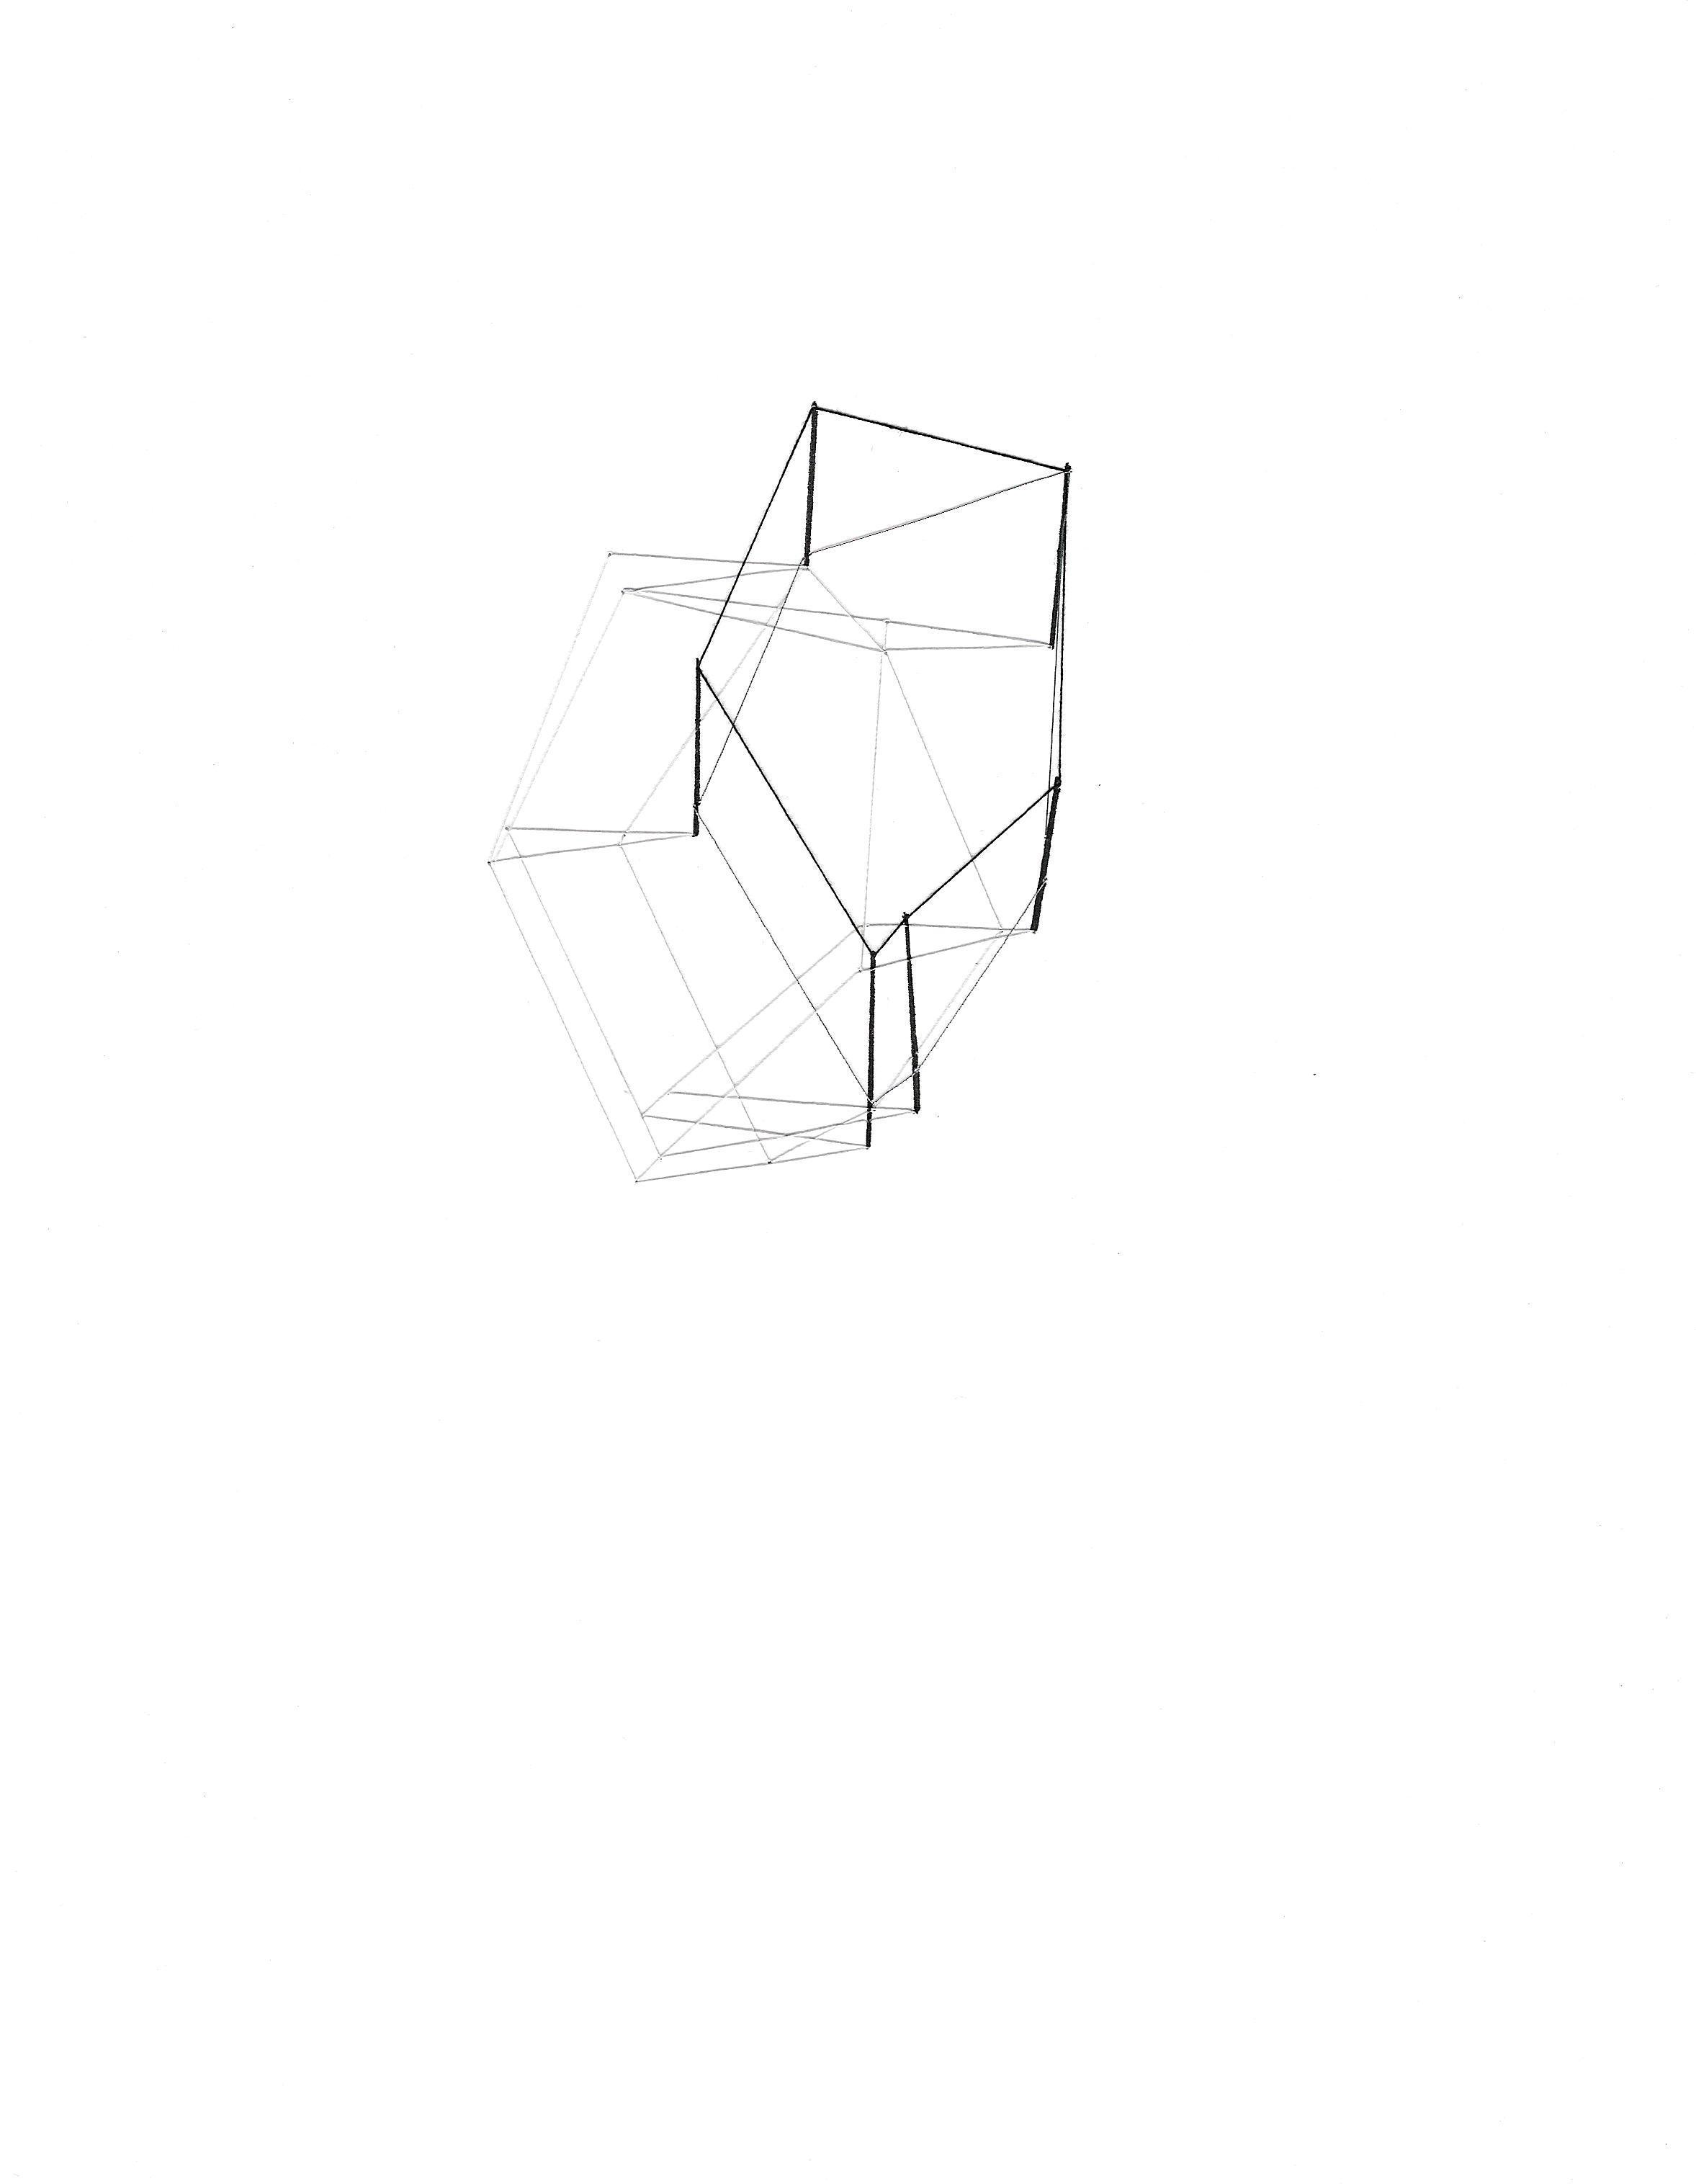 Lewis_Sage_9_shatter shimmer drawing 3.jpg